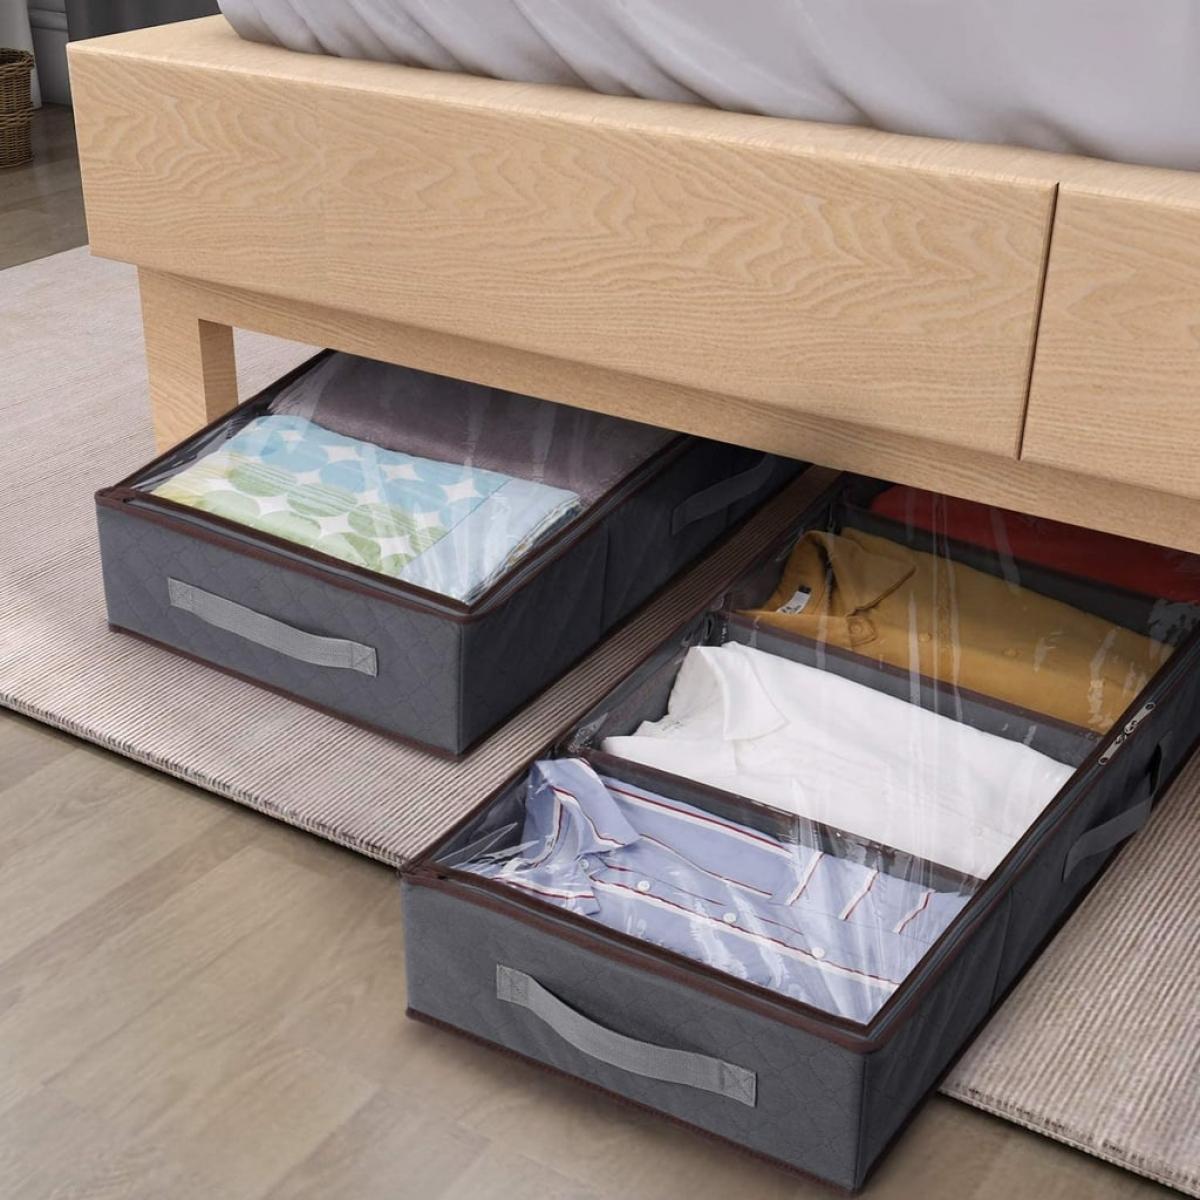 Không gian phía dưới sofa, dưới gầm giường khá thích hợp để cất đồ đạc. Miễn là bạn cho vào hộp kín để quần áo không bị bụi bẩn, nấm mốc./.